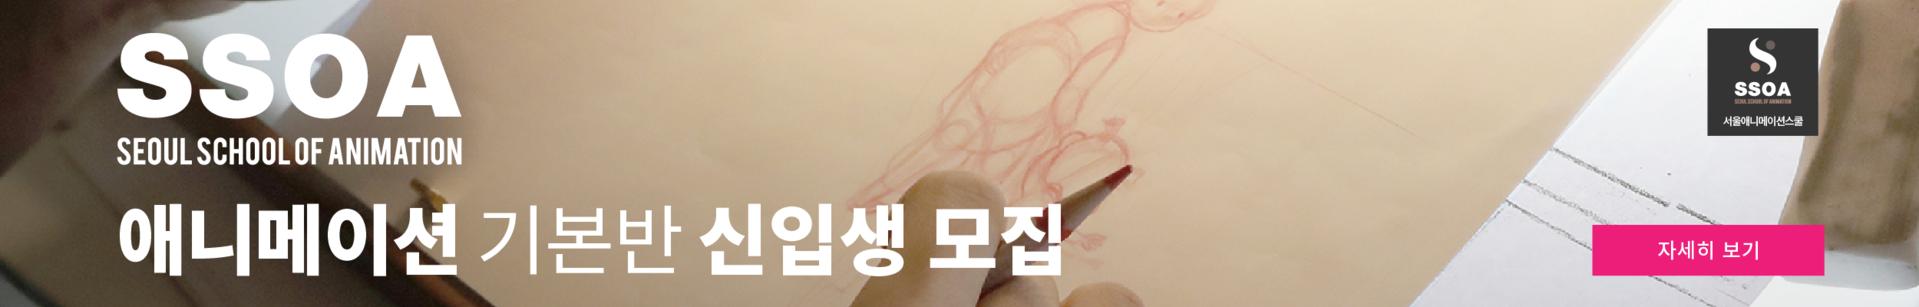 애니벅스 프렙_ SSOA 애니메이션 8기 신입생 모집